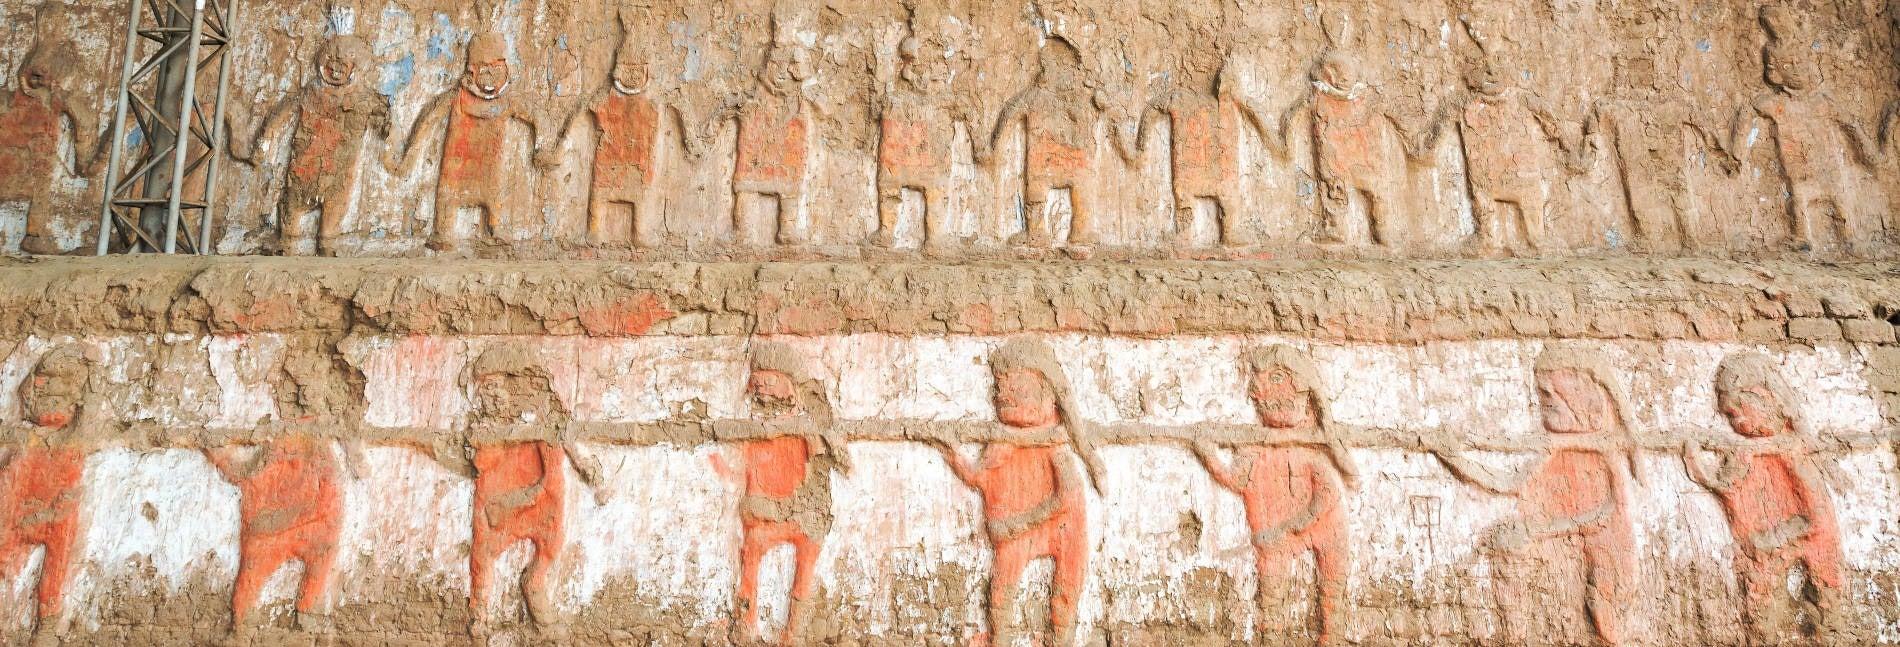 Tour de la cultura moche